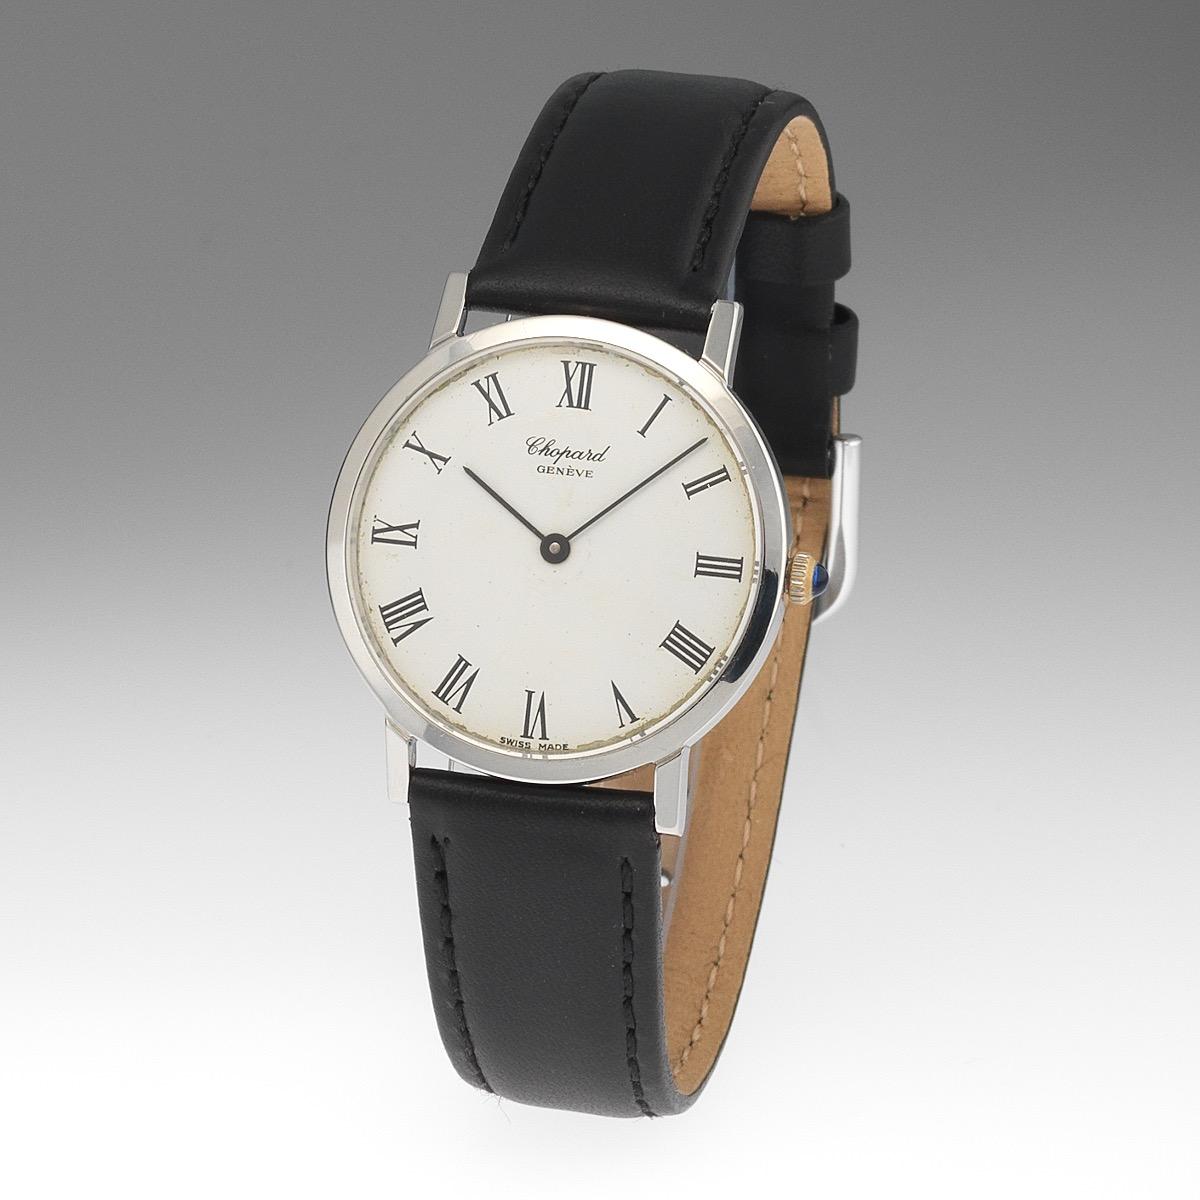 Chopard Geneve Vintage Ultra Slim Men's 8008 Classique ...